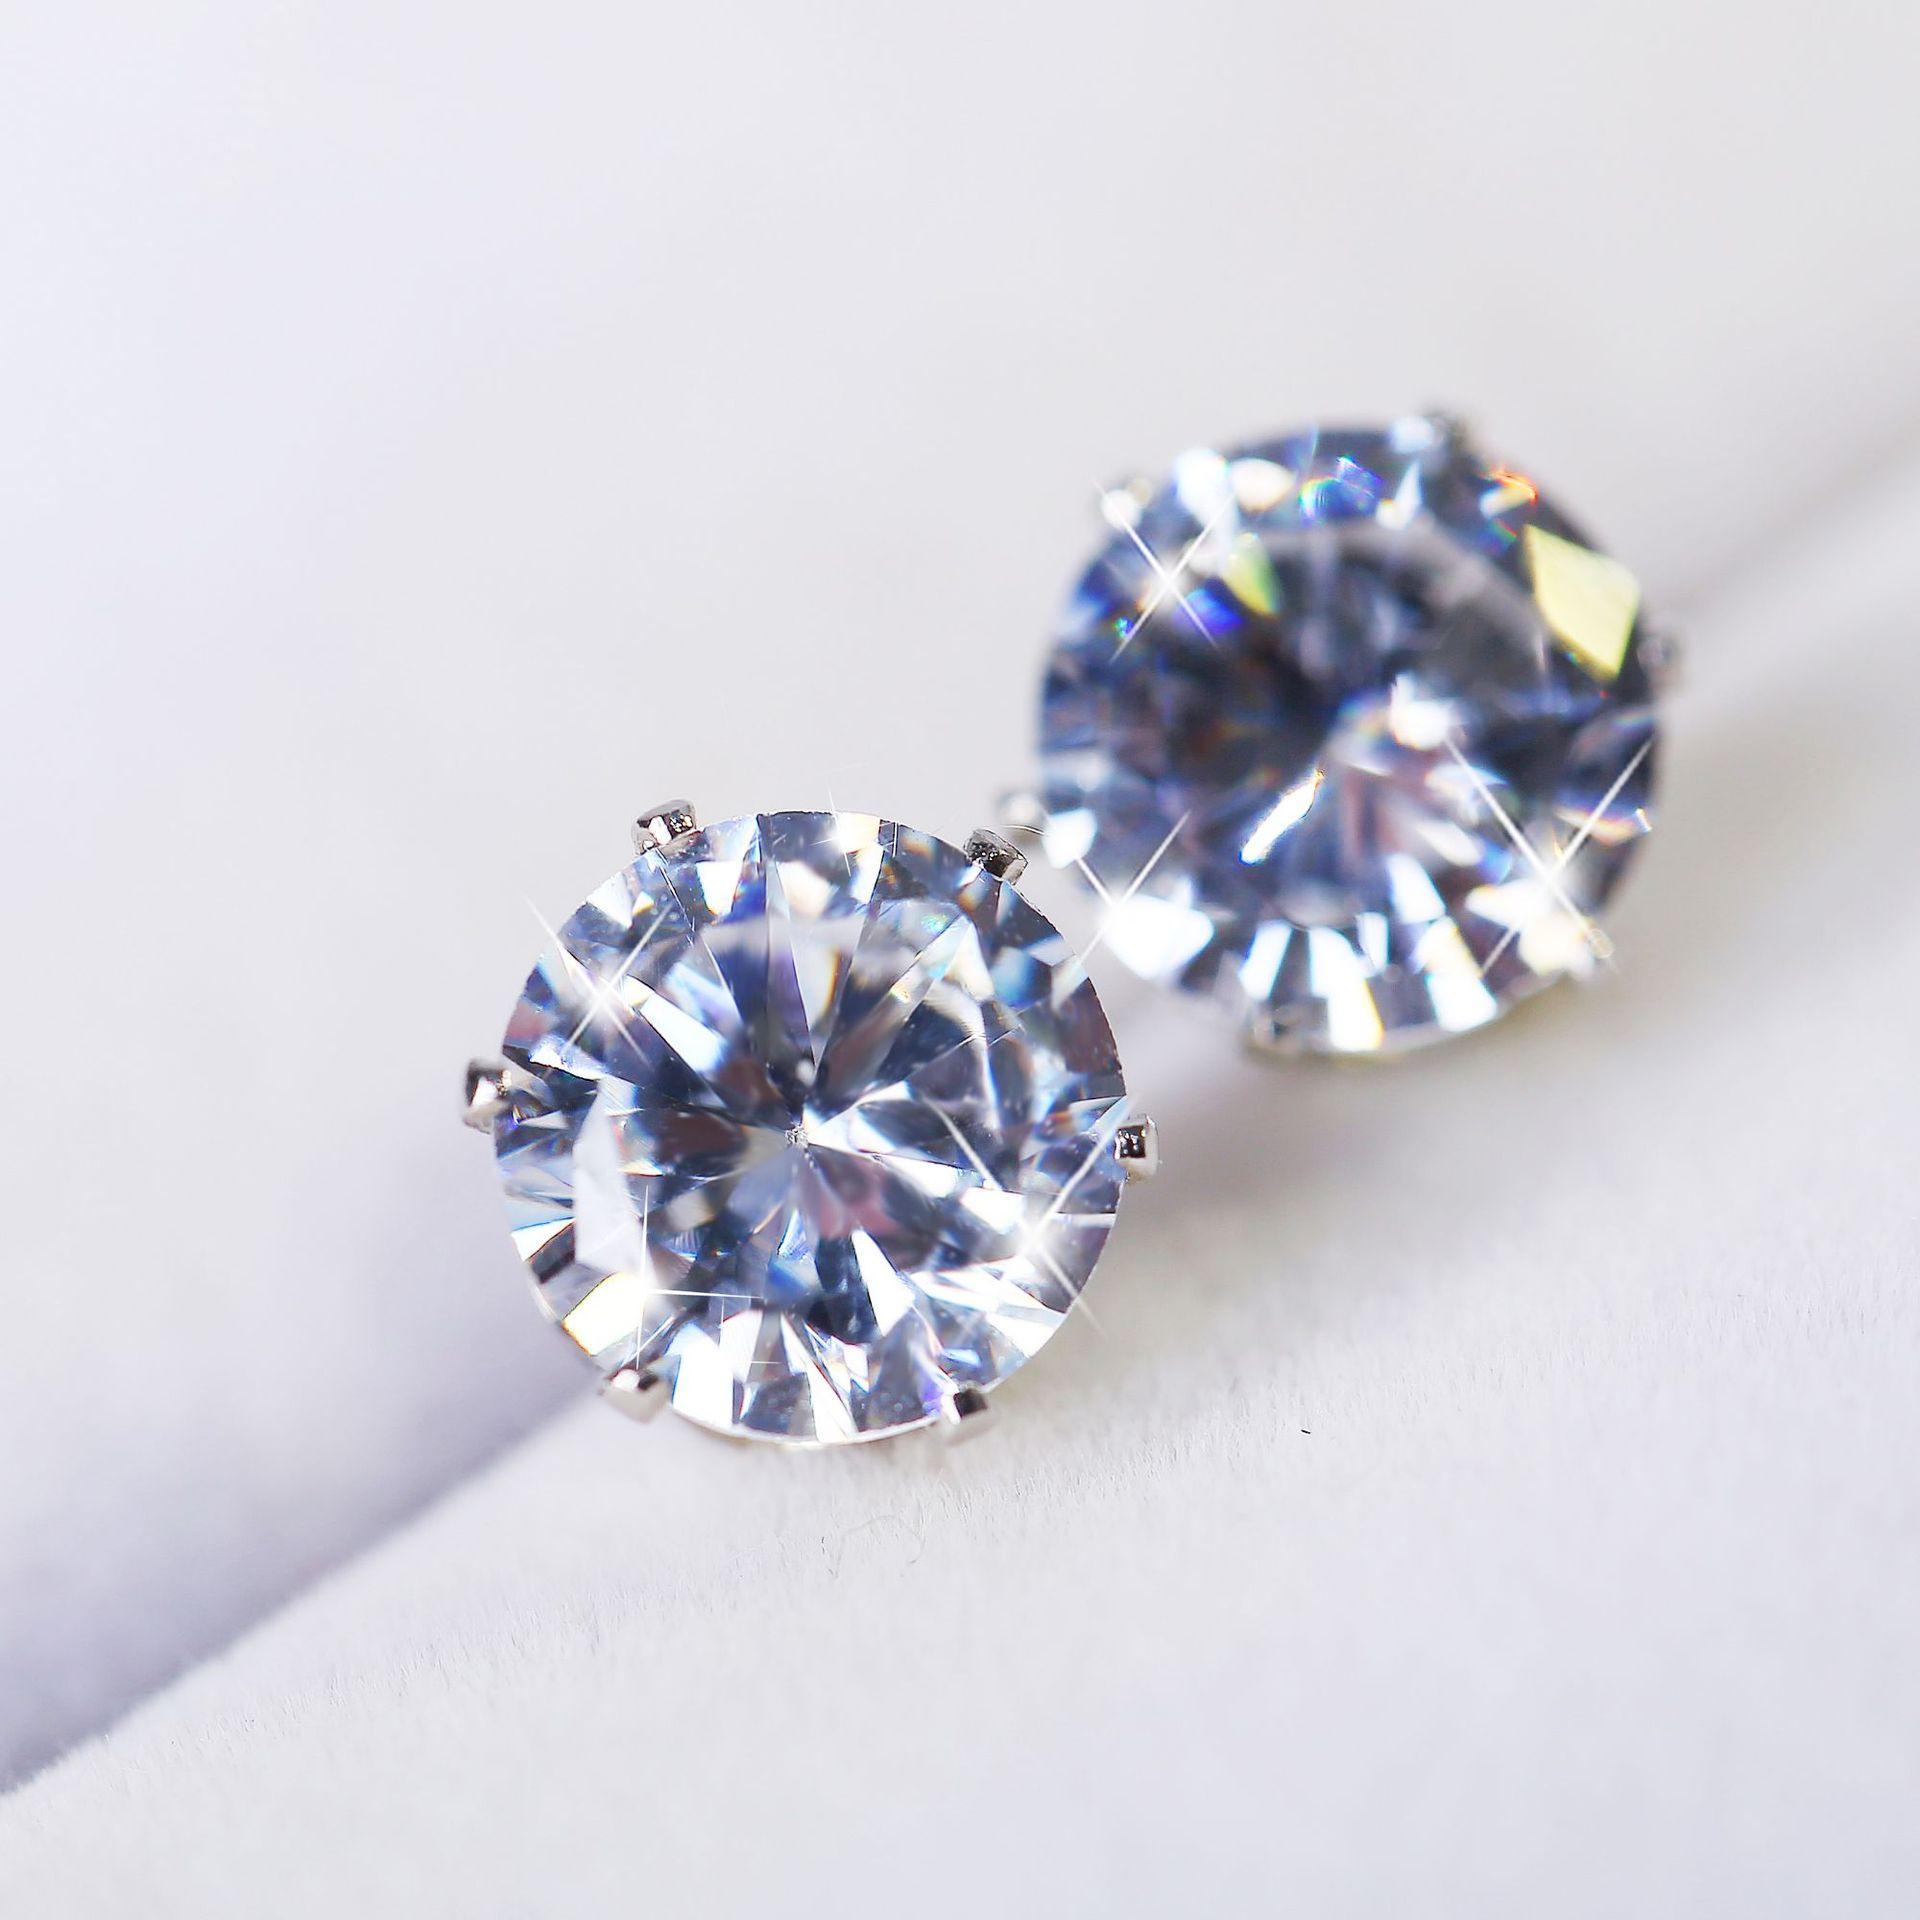 6ec86dc00163 Compre Pendientes De Diamantes Con Aros Redondos